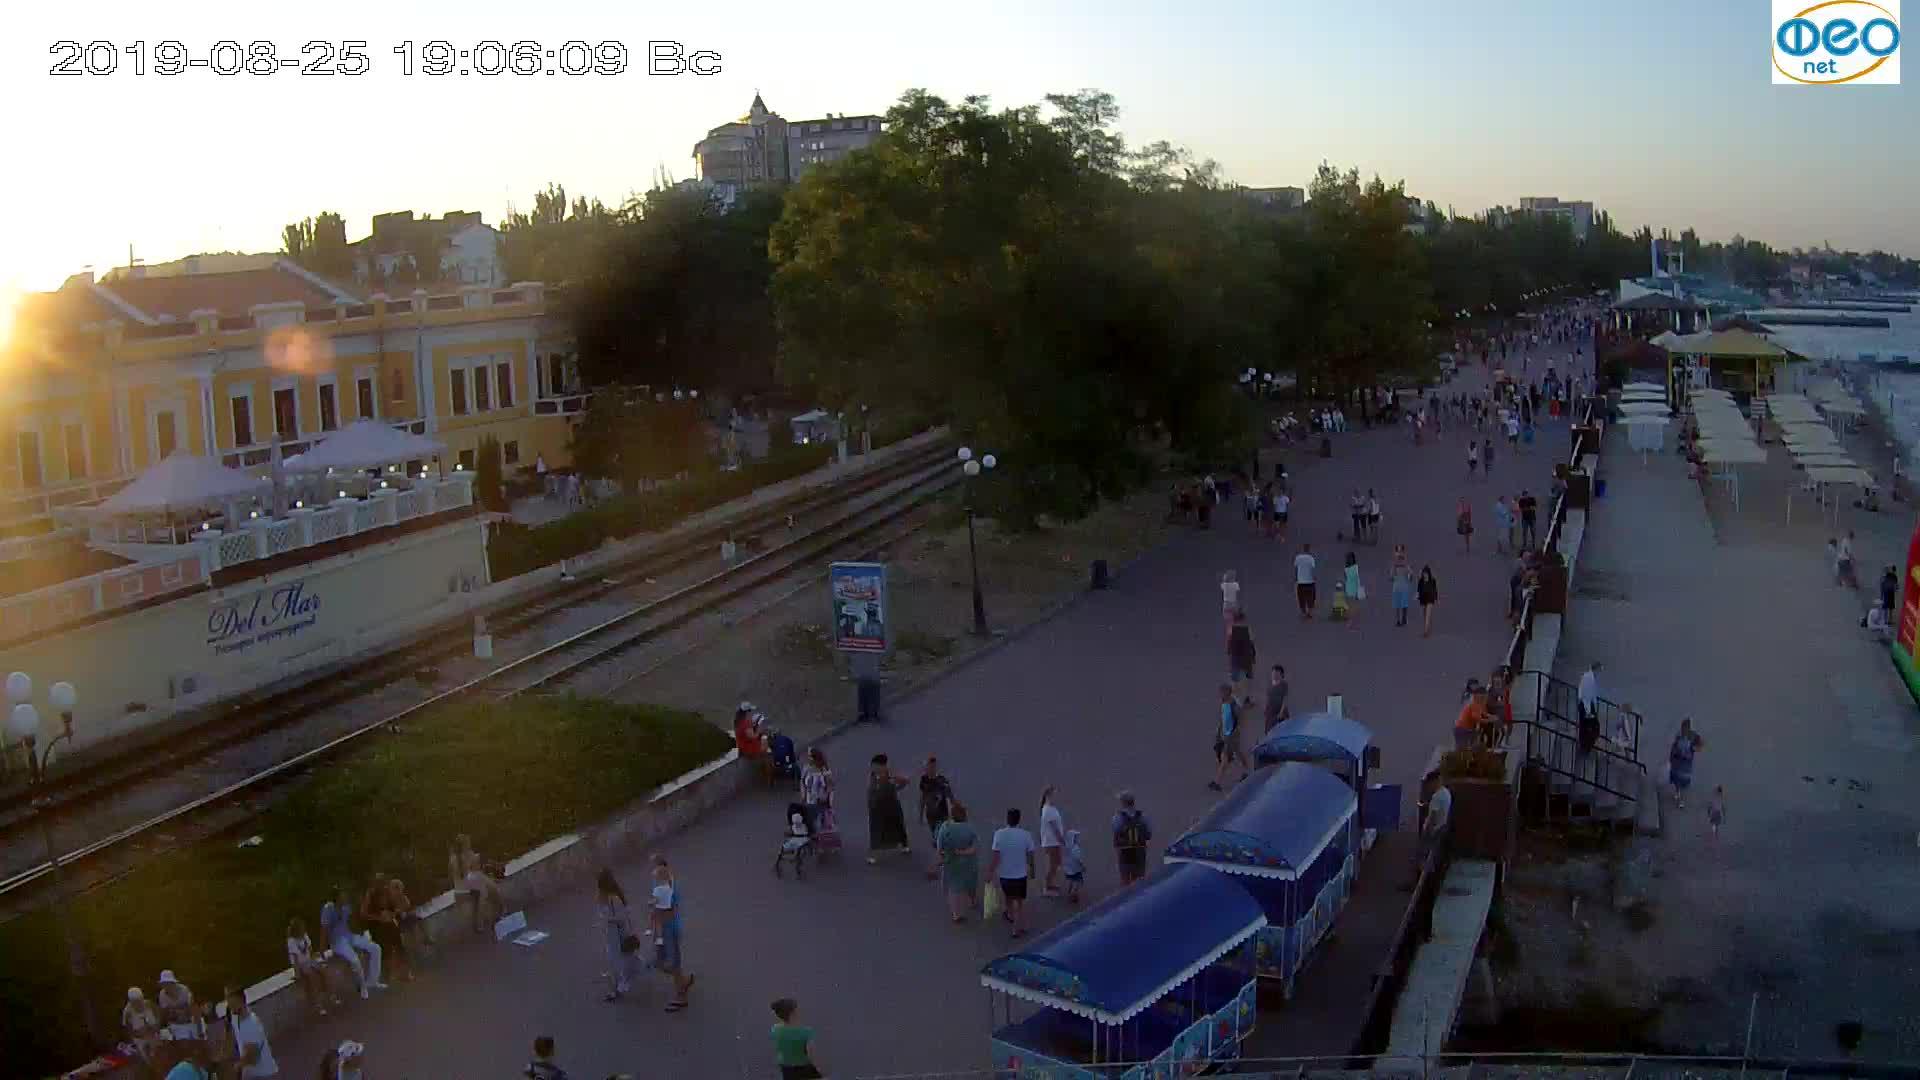 Веб-камеры Феодосии, Набережная, 2019-08-25 19:00:05